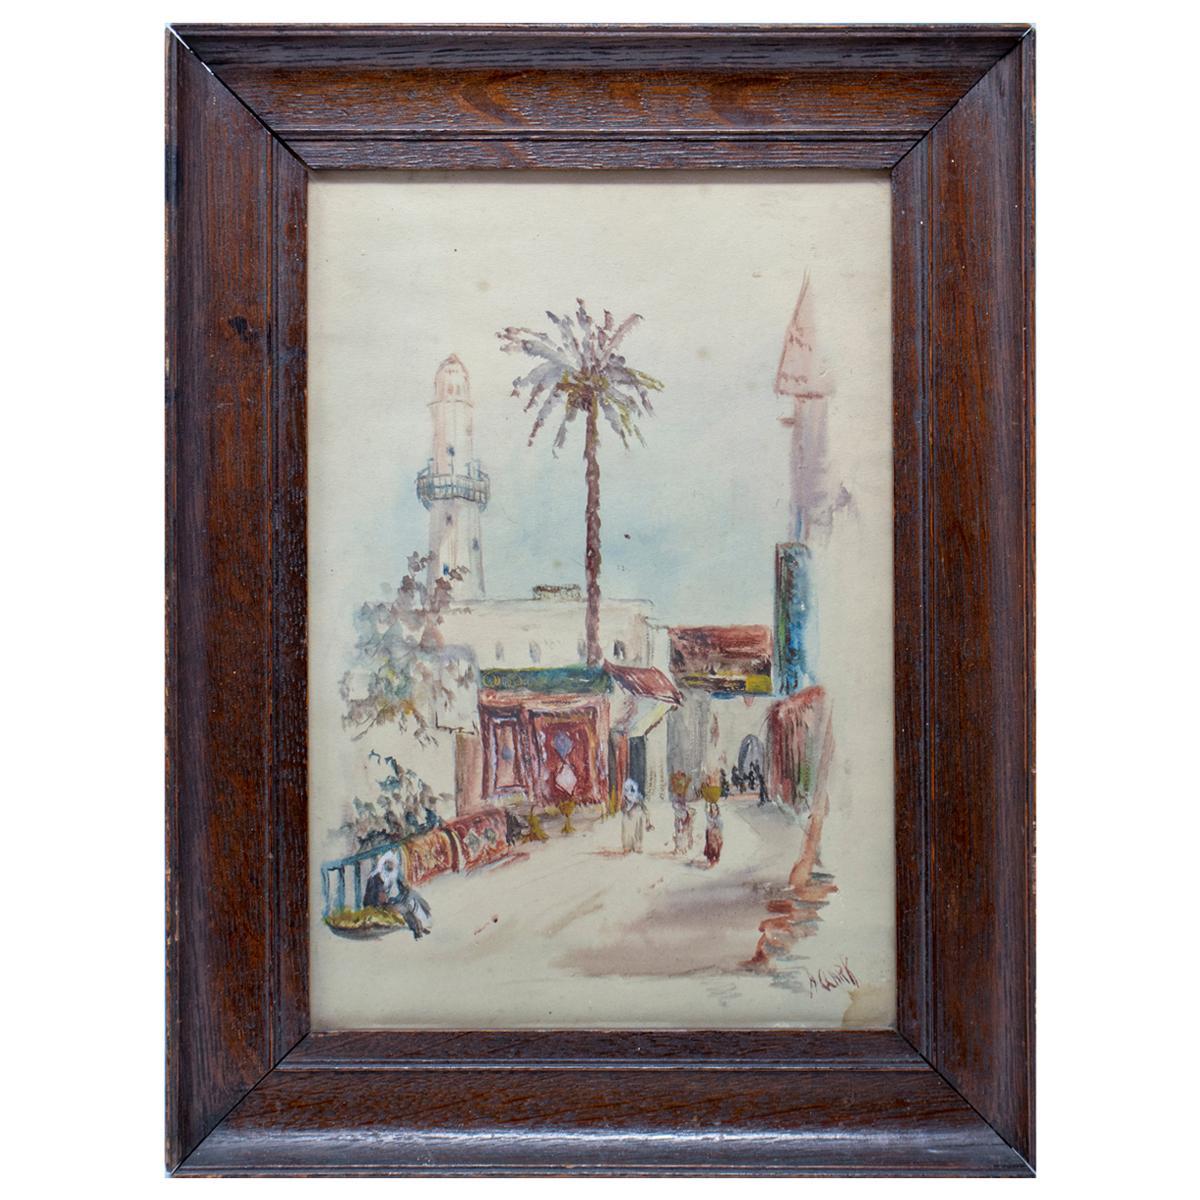 1950s A. Gark Orientalist Arab Souk Watercolor